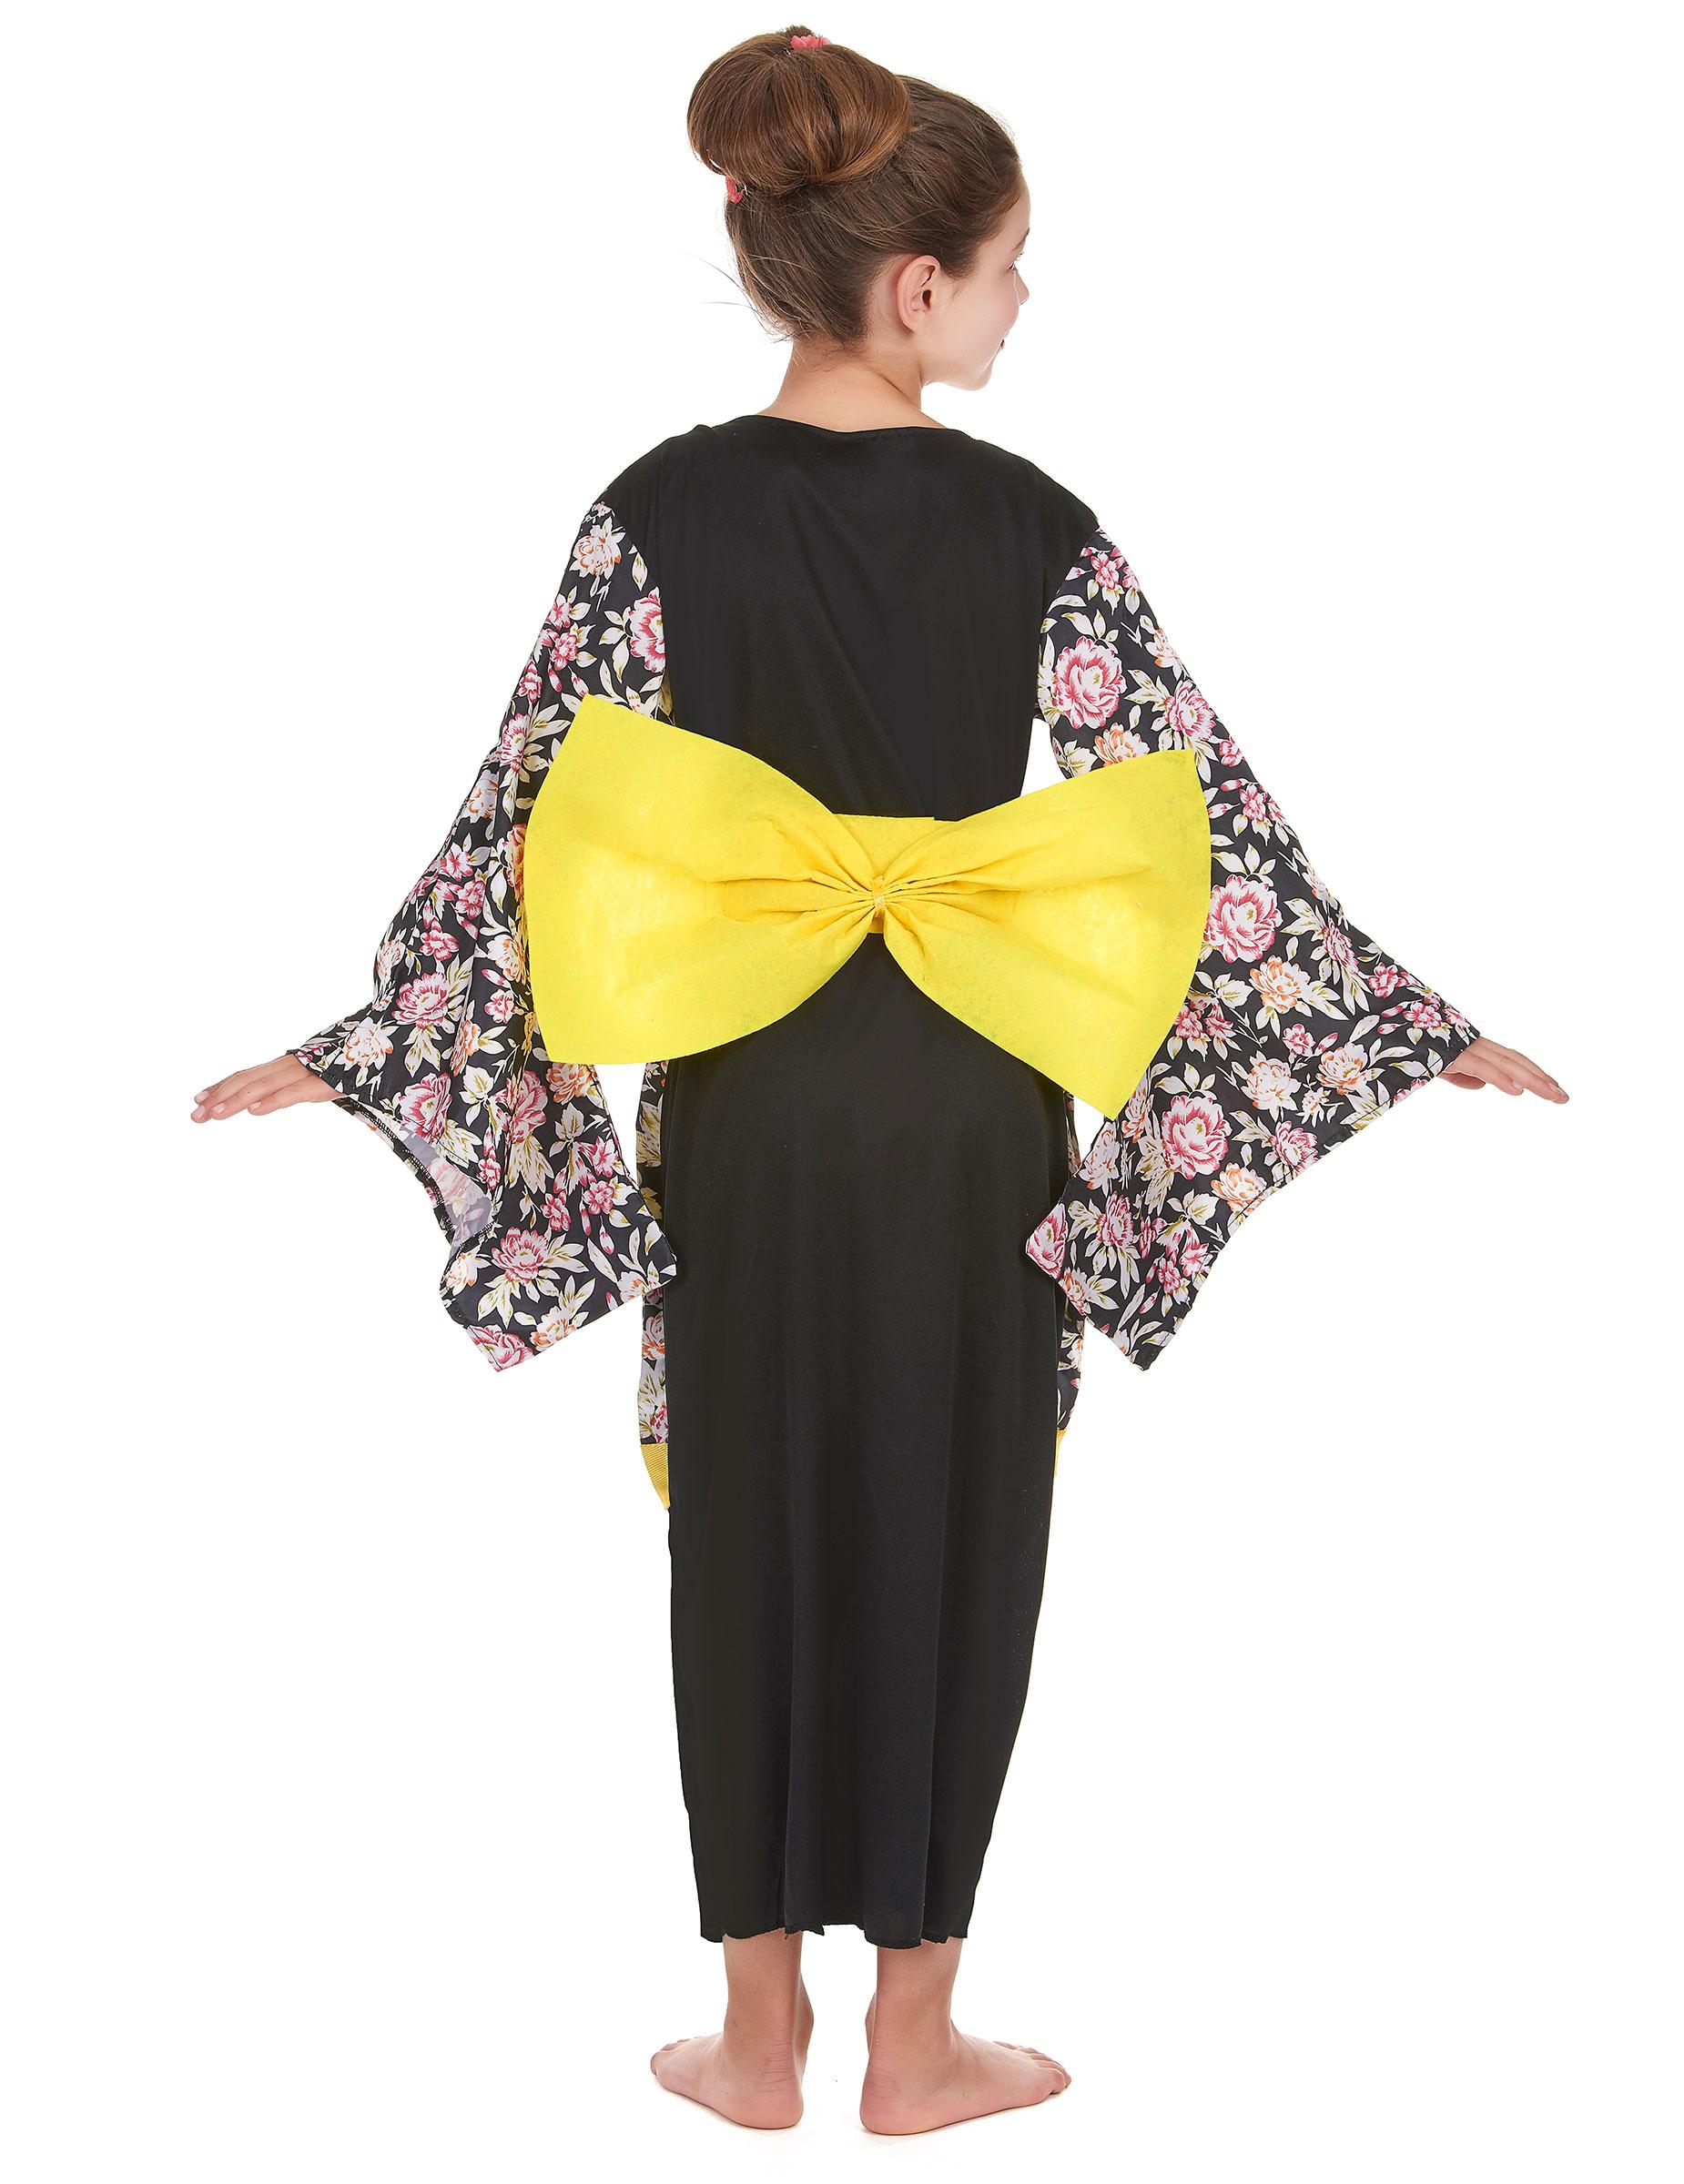 Vestito giapponese bimba – Modelli alla moda di abiti 2018 211e1a9b6a6b